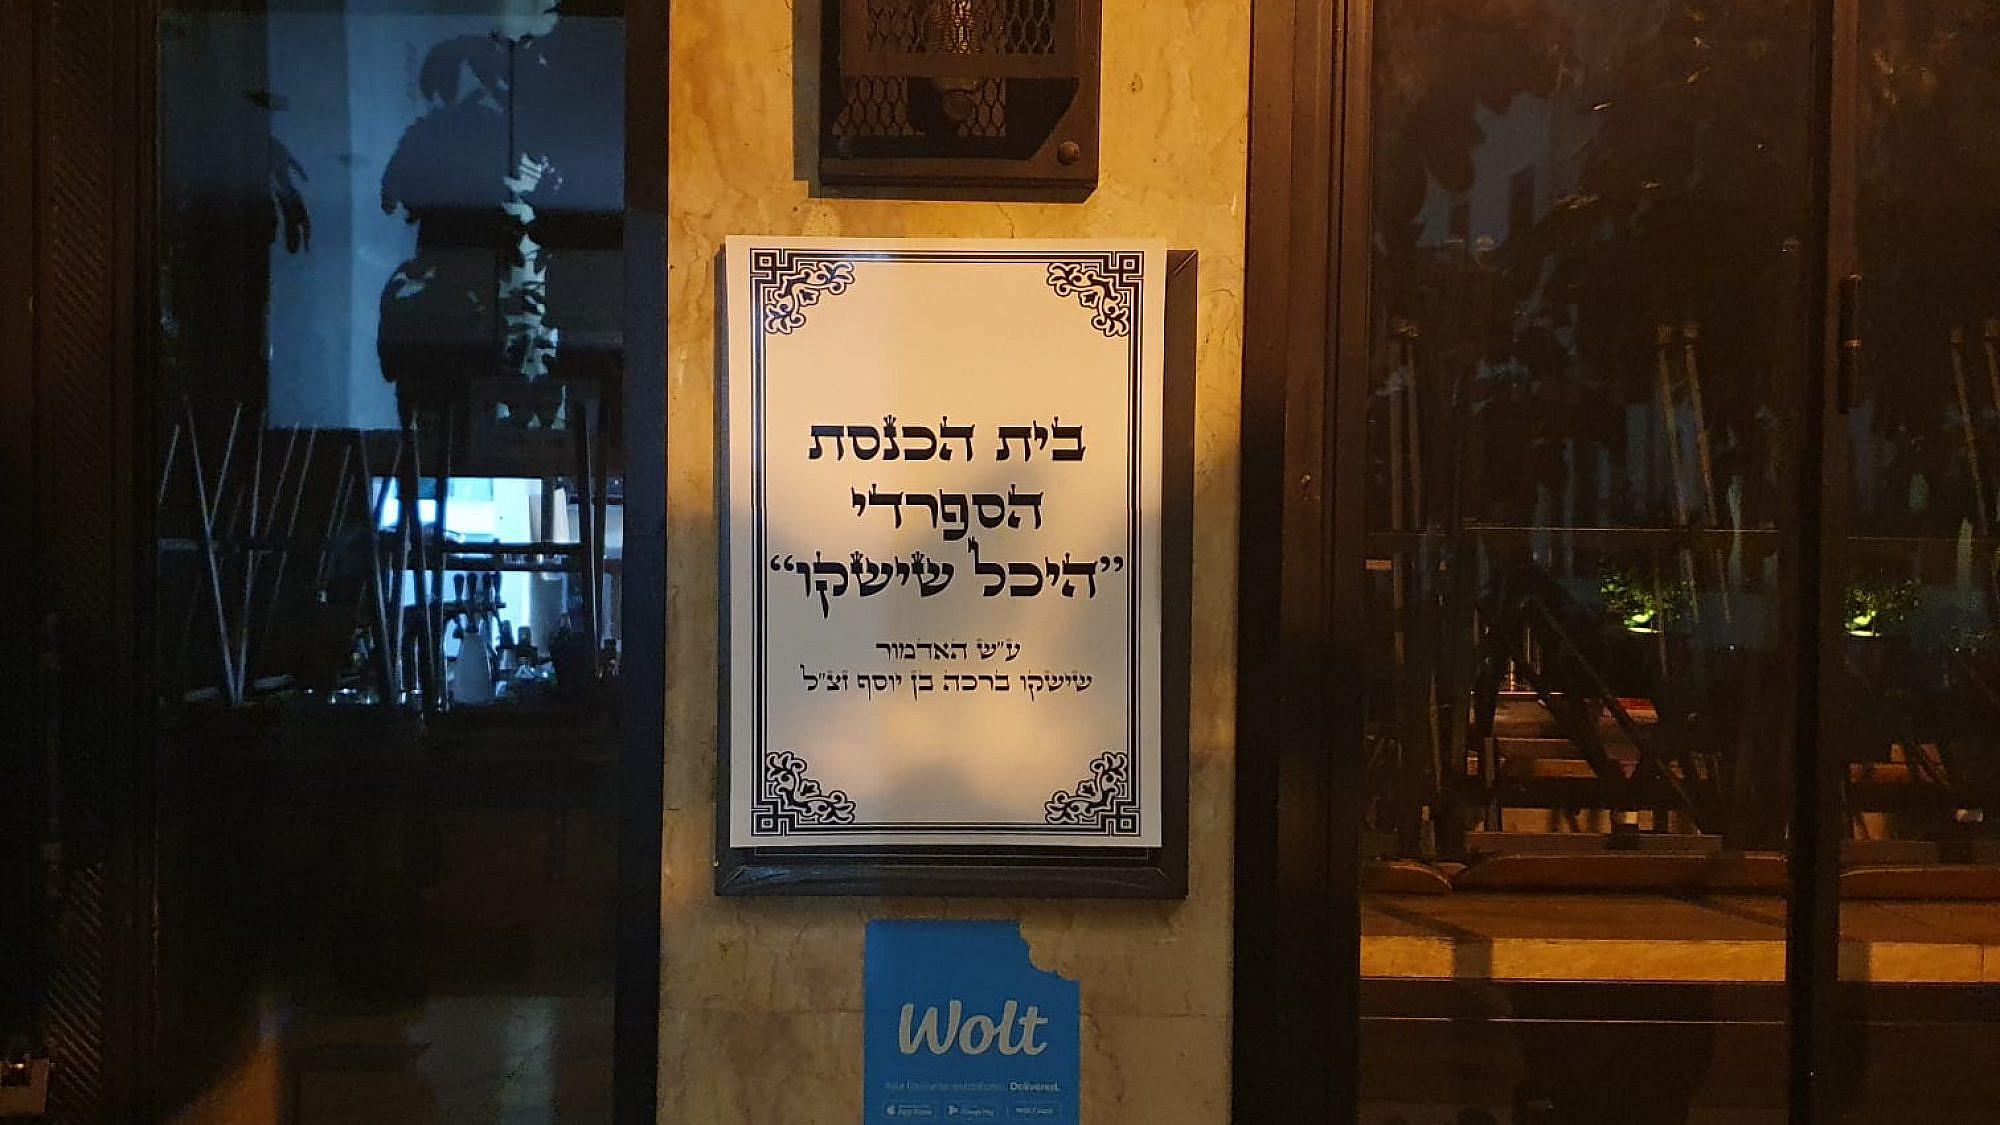 """אבל חשבנו שבתי הכנסת נשארים פתוחים :( """"בית הכנסת שישקו"""" (צילום: ספי קרופסקי)"""